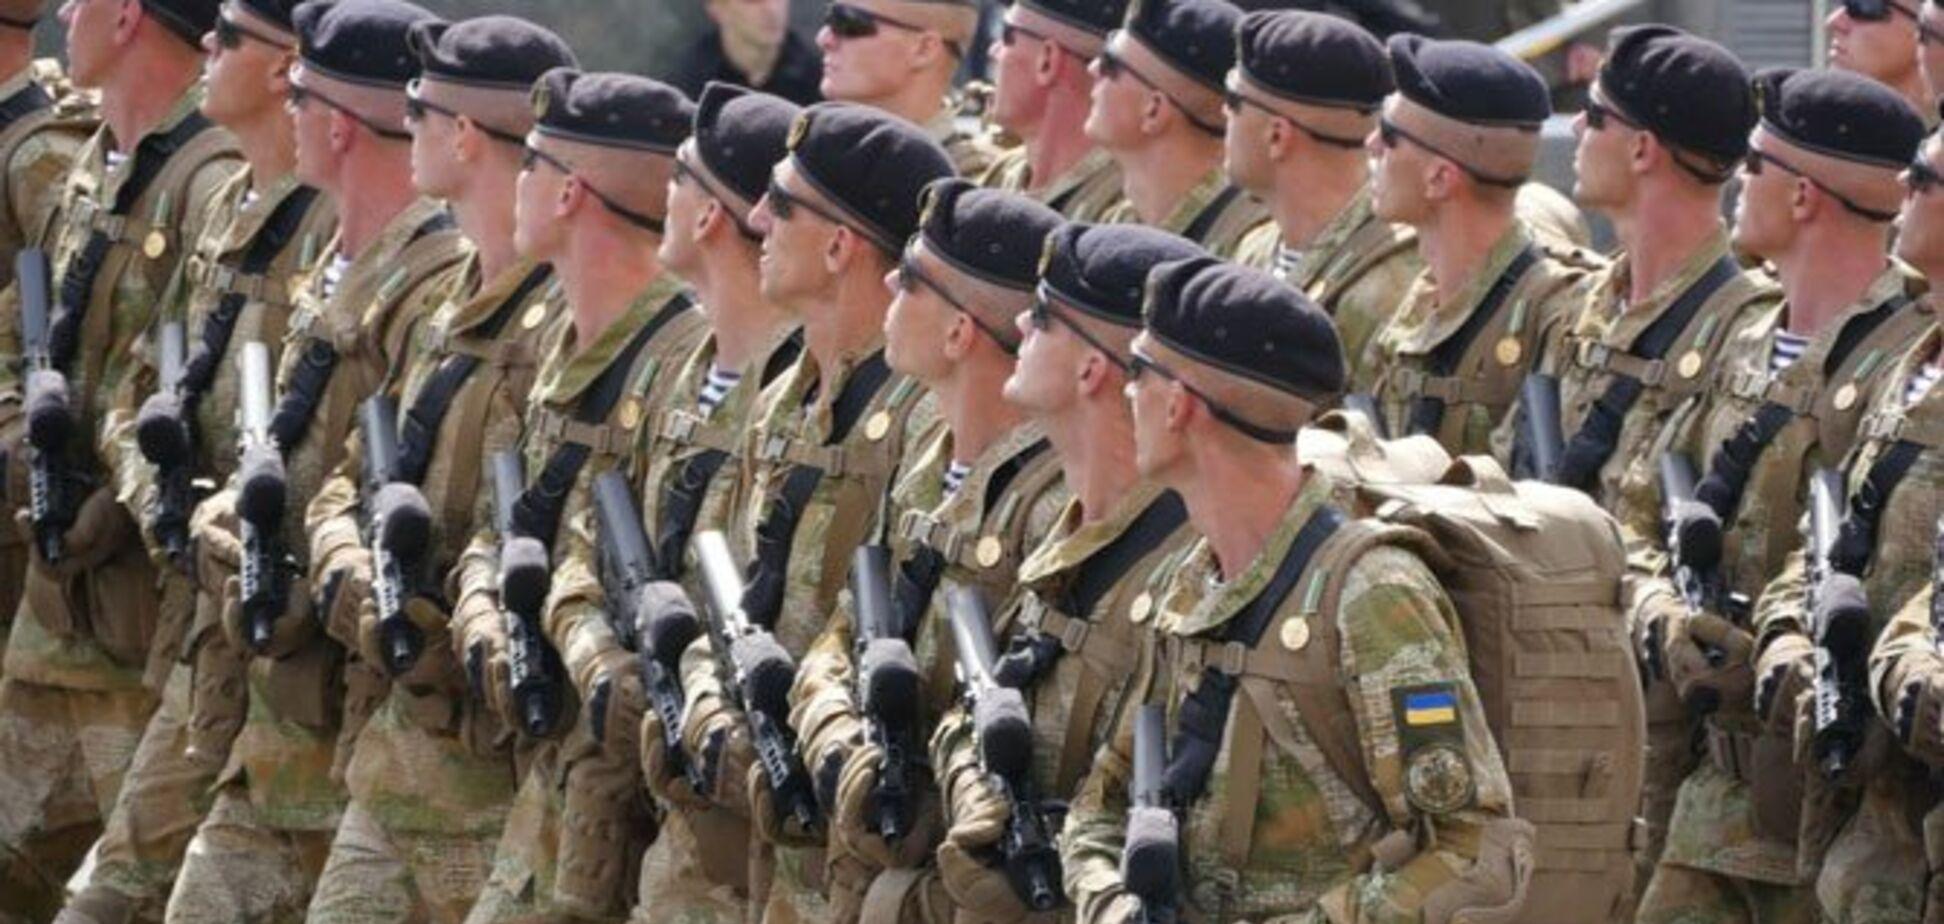 'Київ розгорнув армію під Маріуполем': у 'ДНР' трапилася істерика після вбивства воїнів ЗСУ